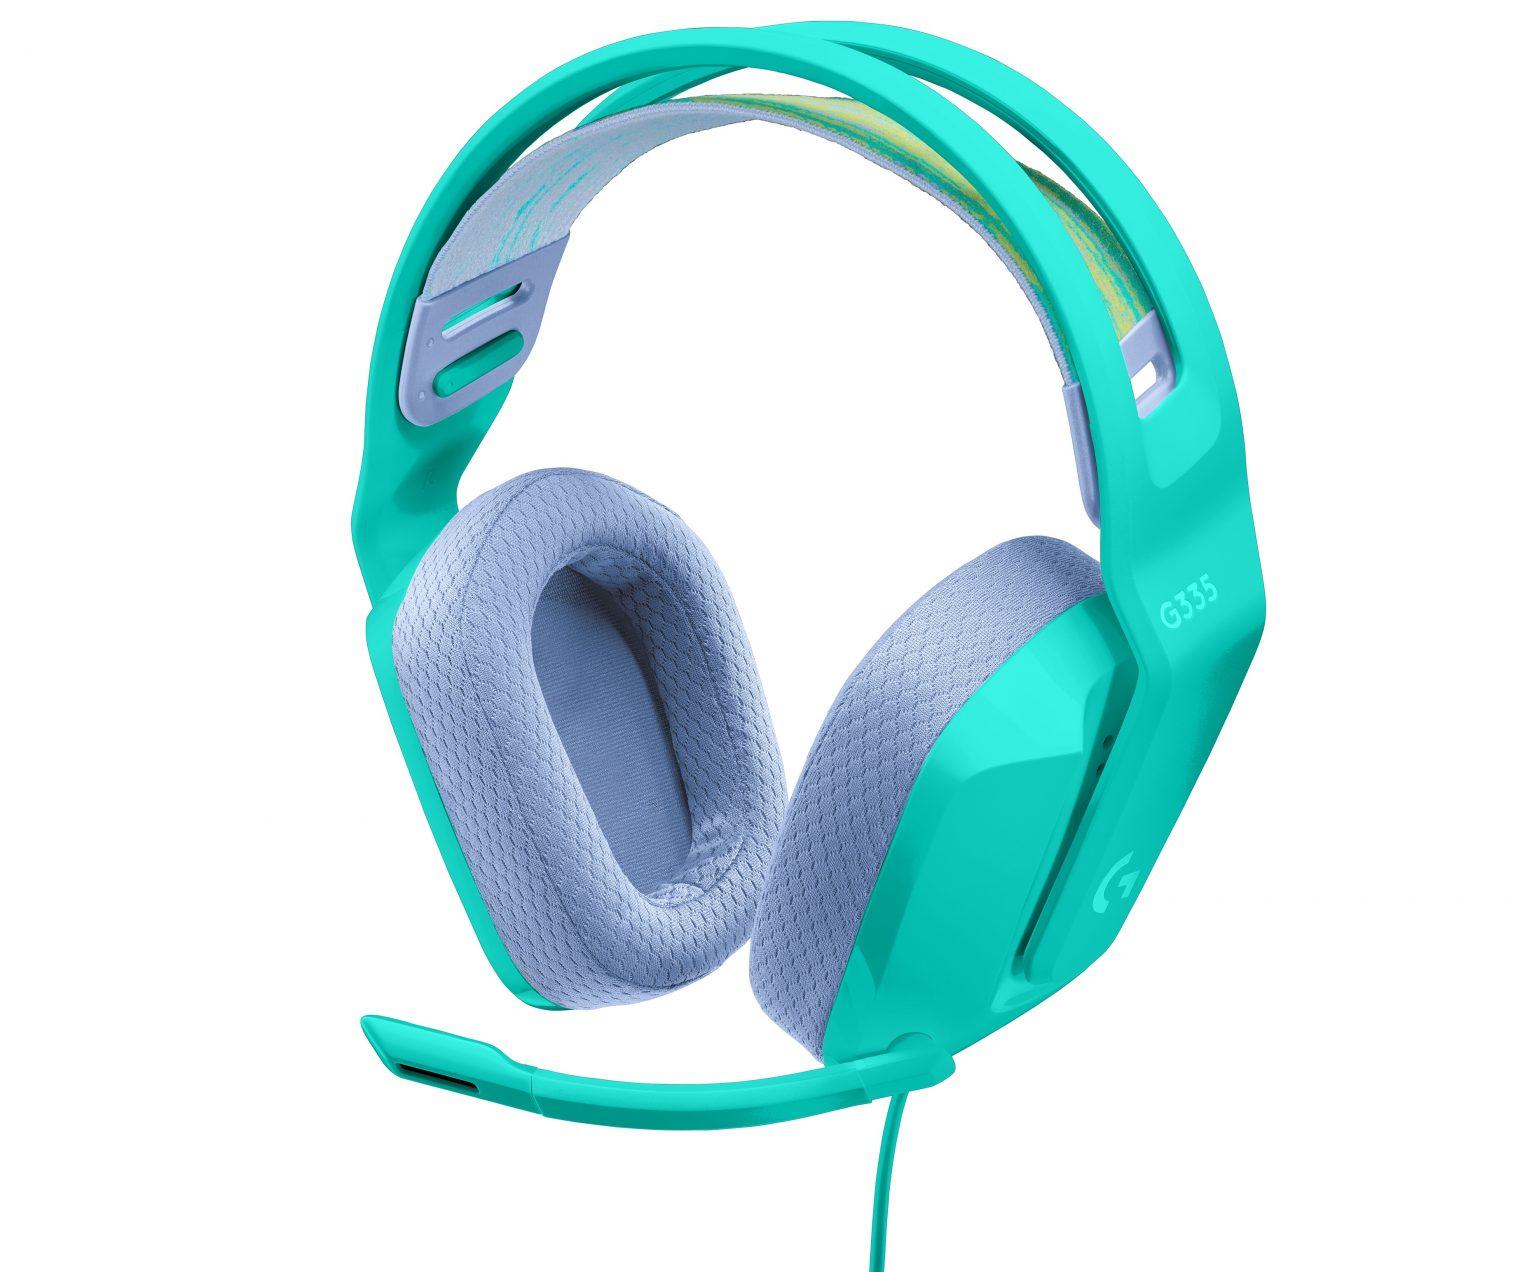 罗技(Logitech)推出实惠型有线游戏耳机G335,支持多种游戏平台和智能手机